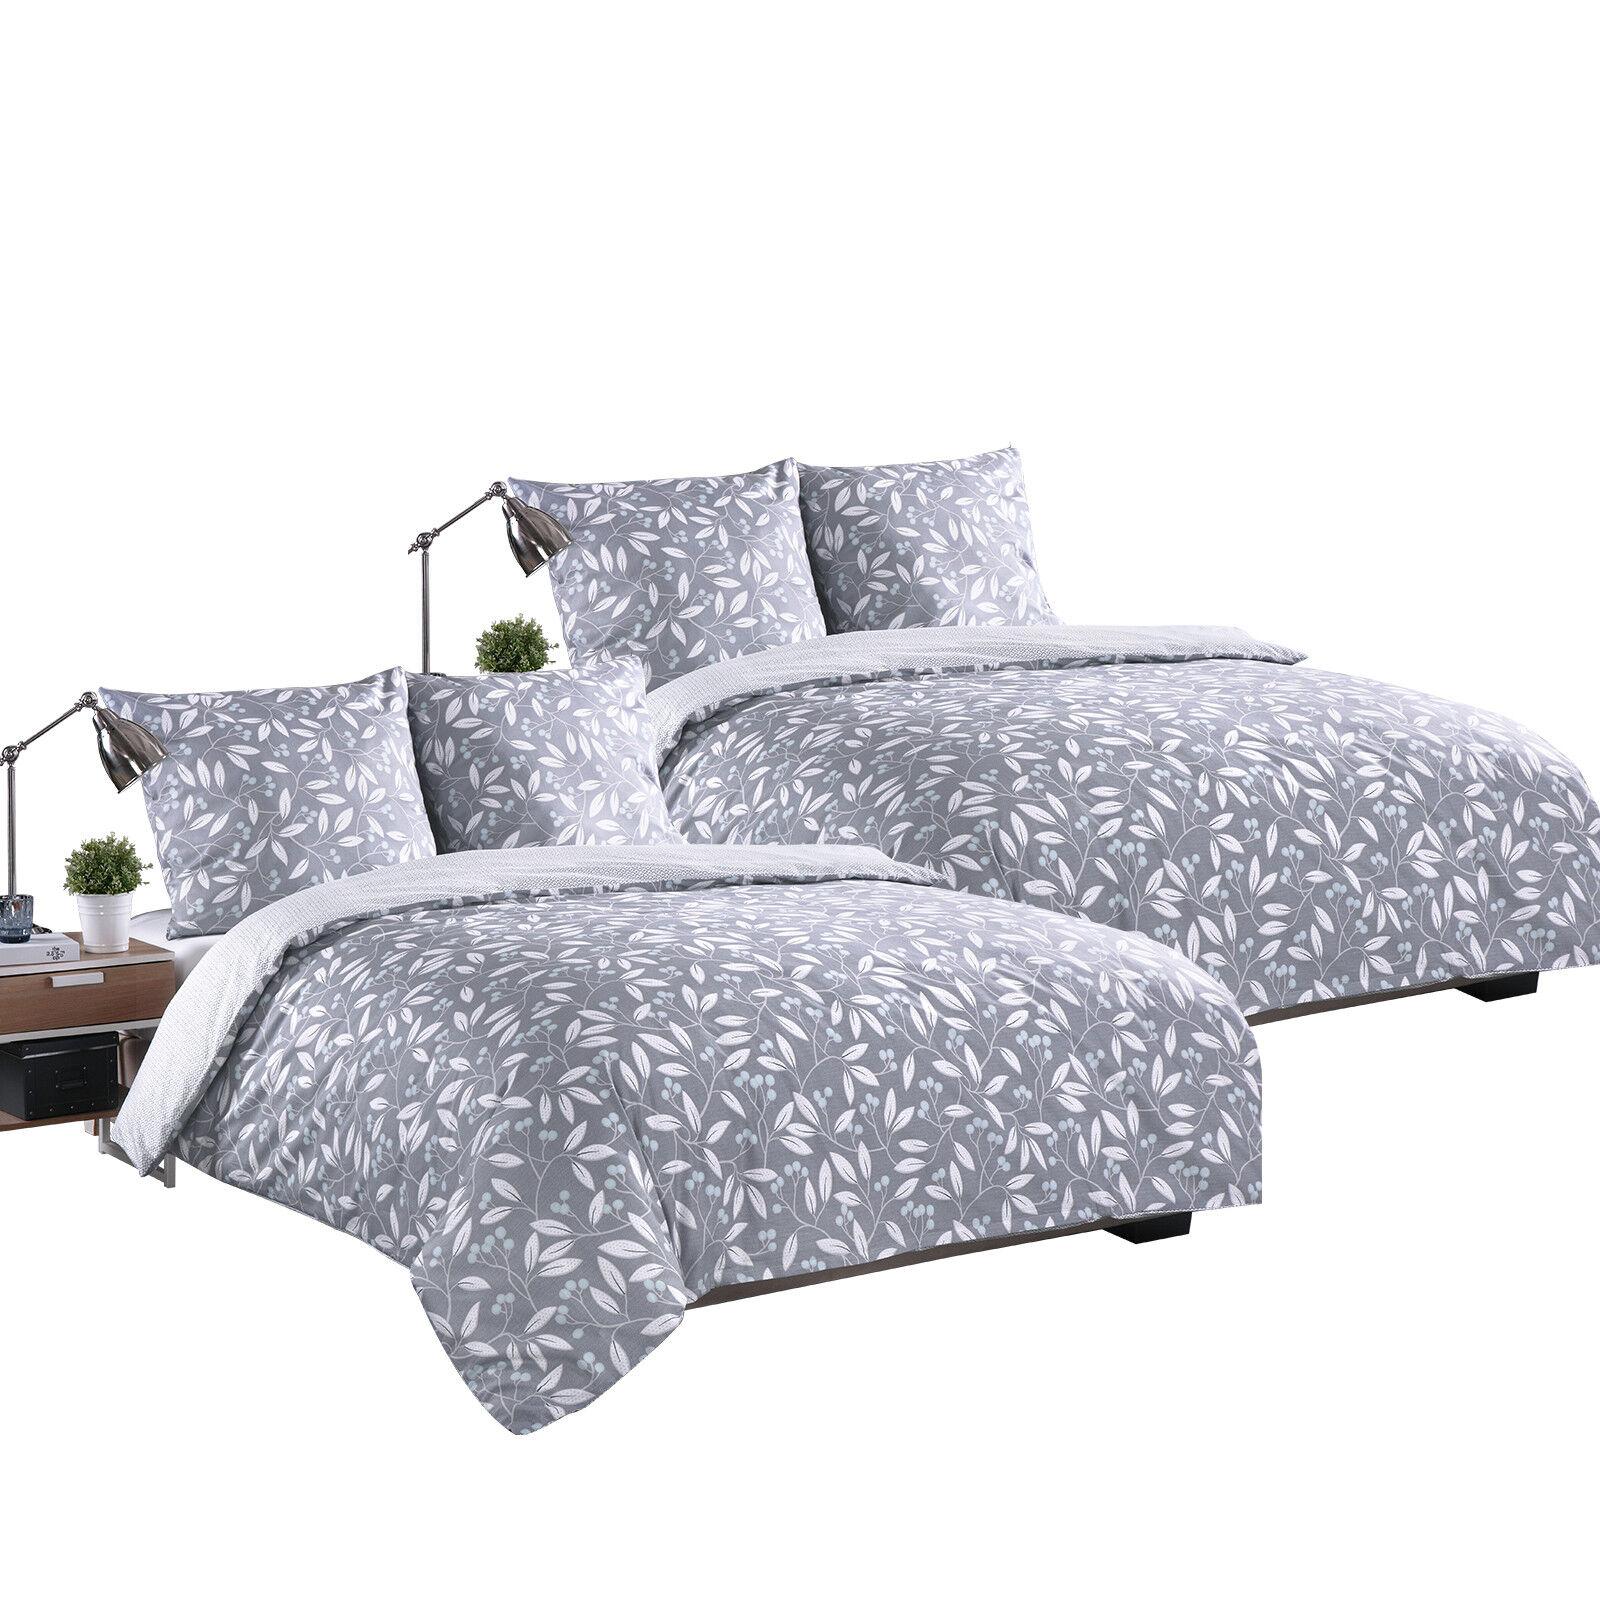 Bettwäsche 200x200 Cm 4teilig Bettbezug Satin Bws02m03 2